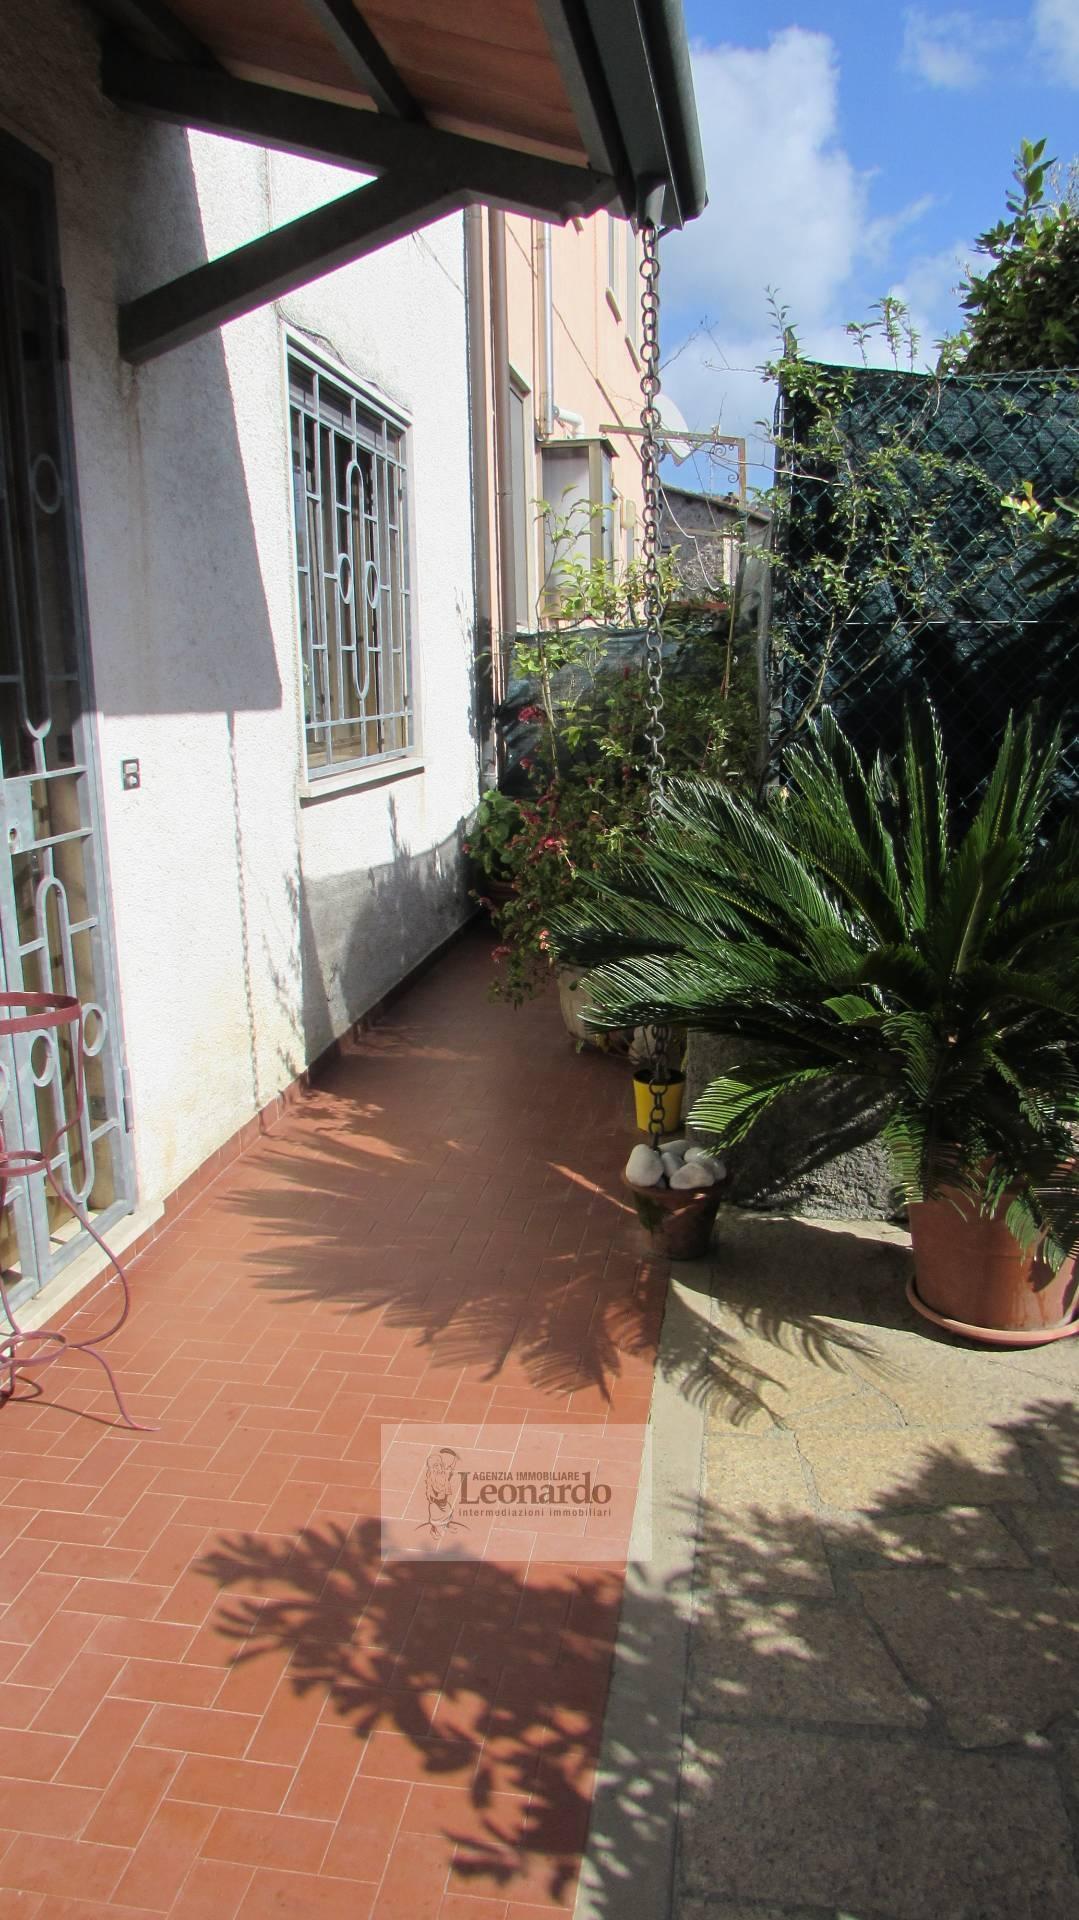 Soluzione Indipendente in vendita a Massarosa, 5 locali, zona Zona: Massarosa, prezzo € 160.000 | Cambio Casa.it